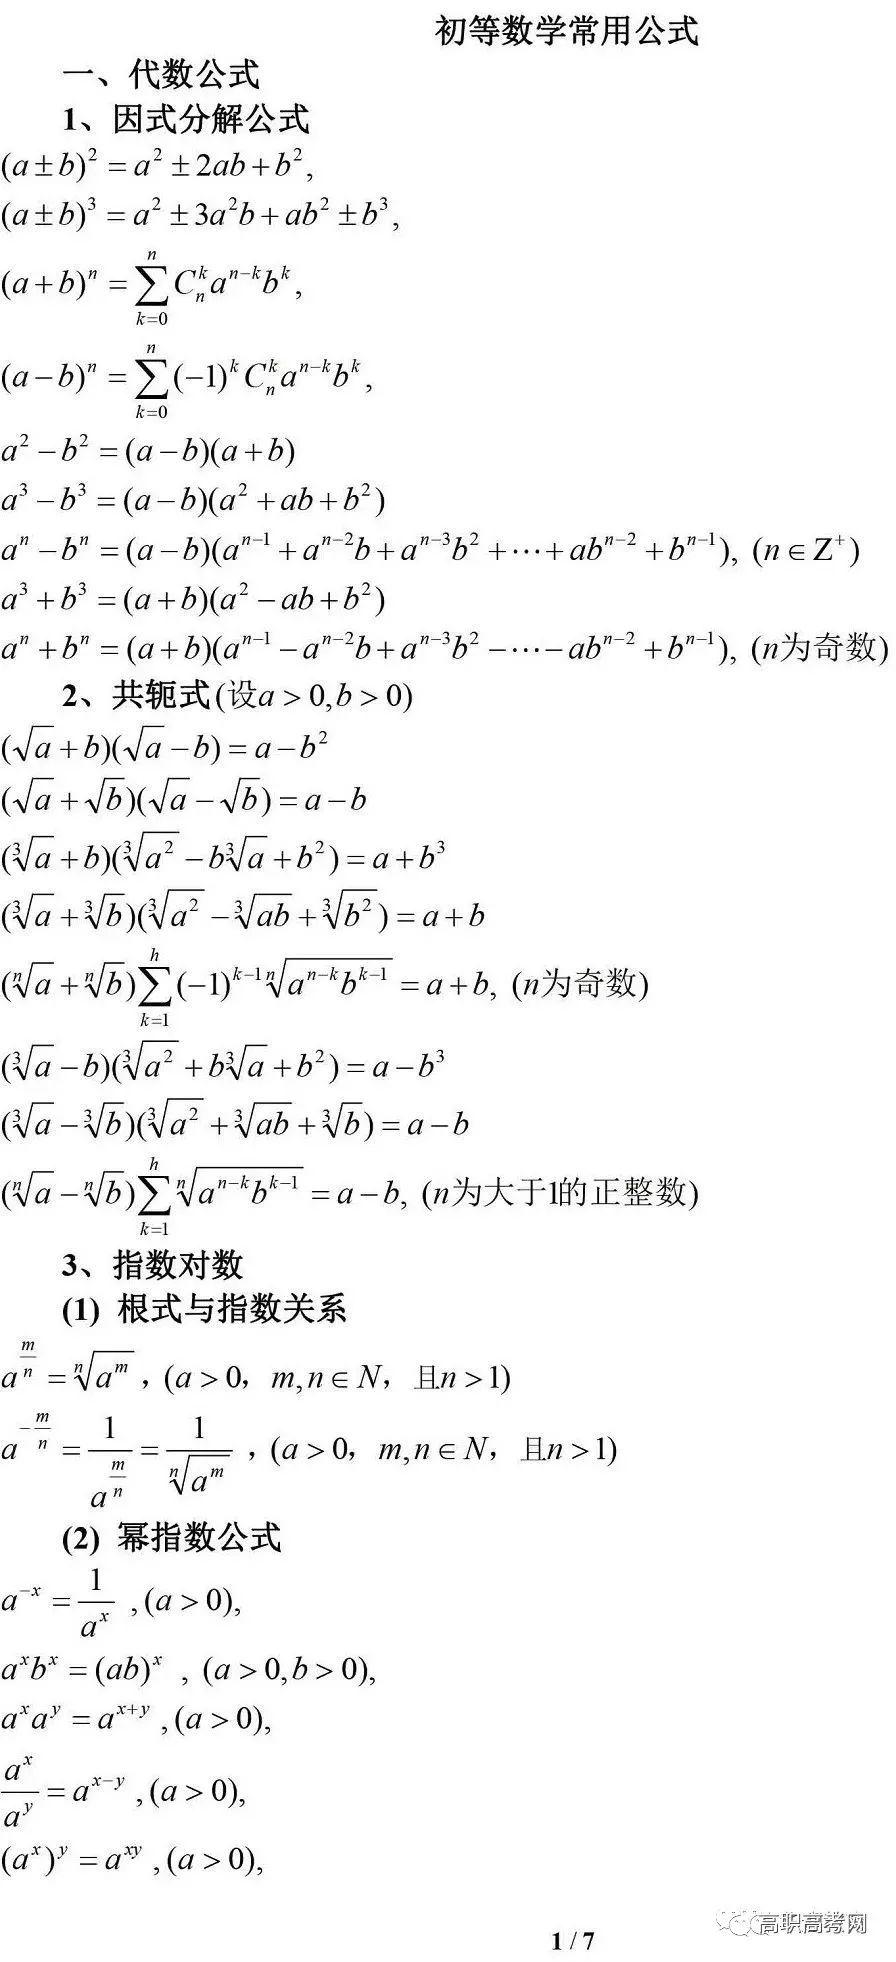 高职高考数学常用的公式总汇